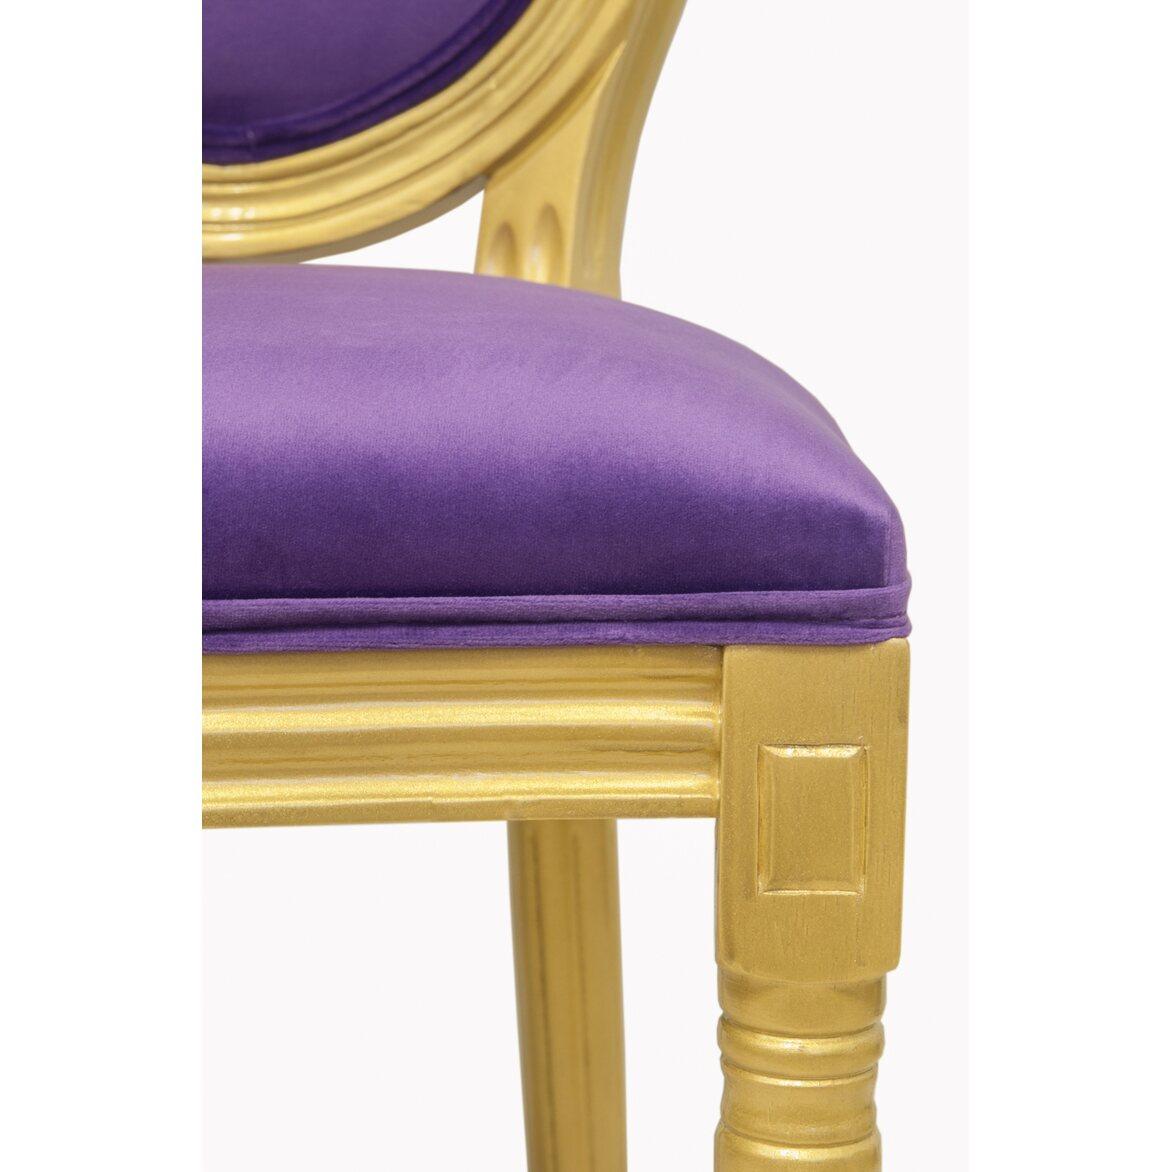 Стул Volker violet gold 5 | Обеденные стулья Kingsby